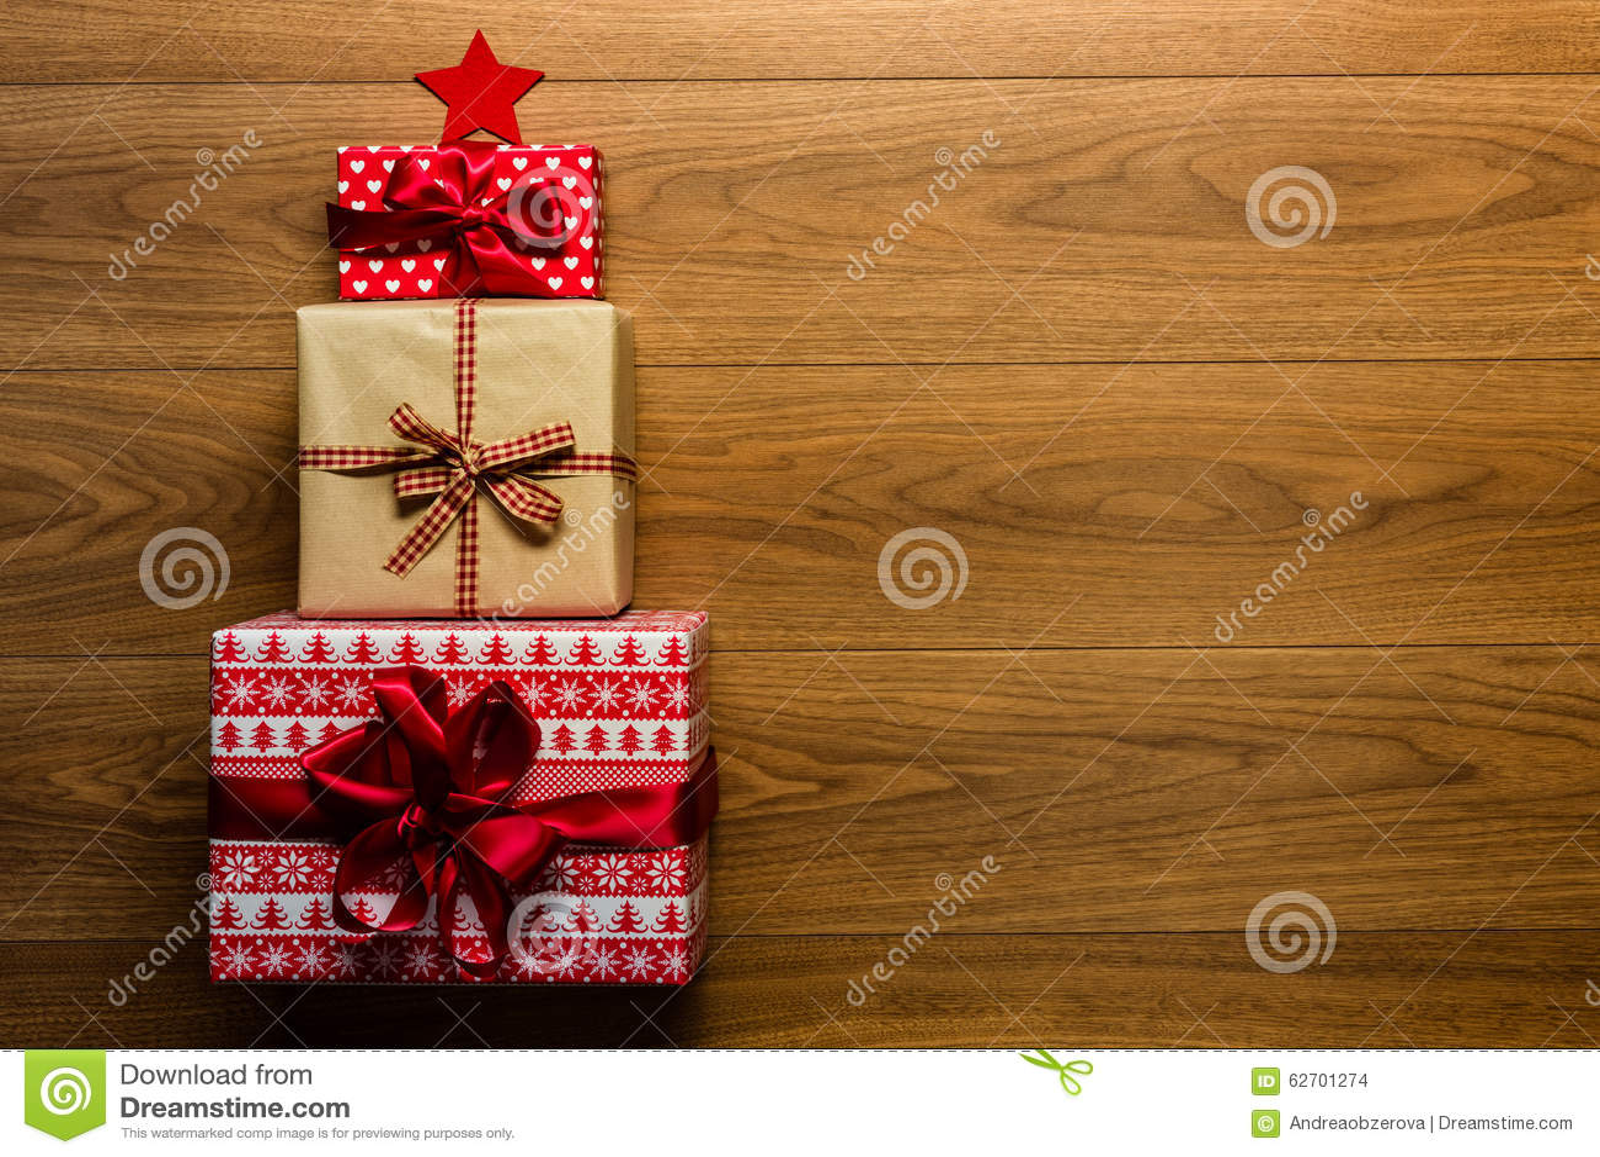 Árvore de Natal feita de presentes belamente envolvidos no fundo de madeira